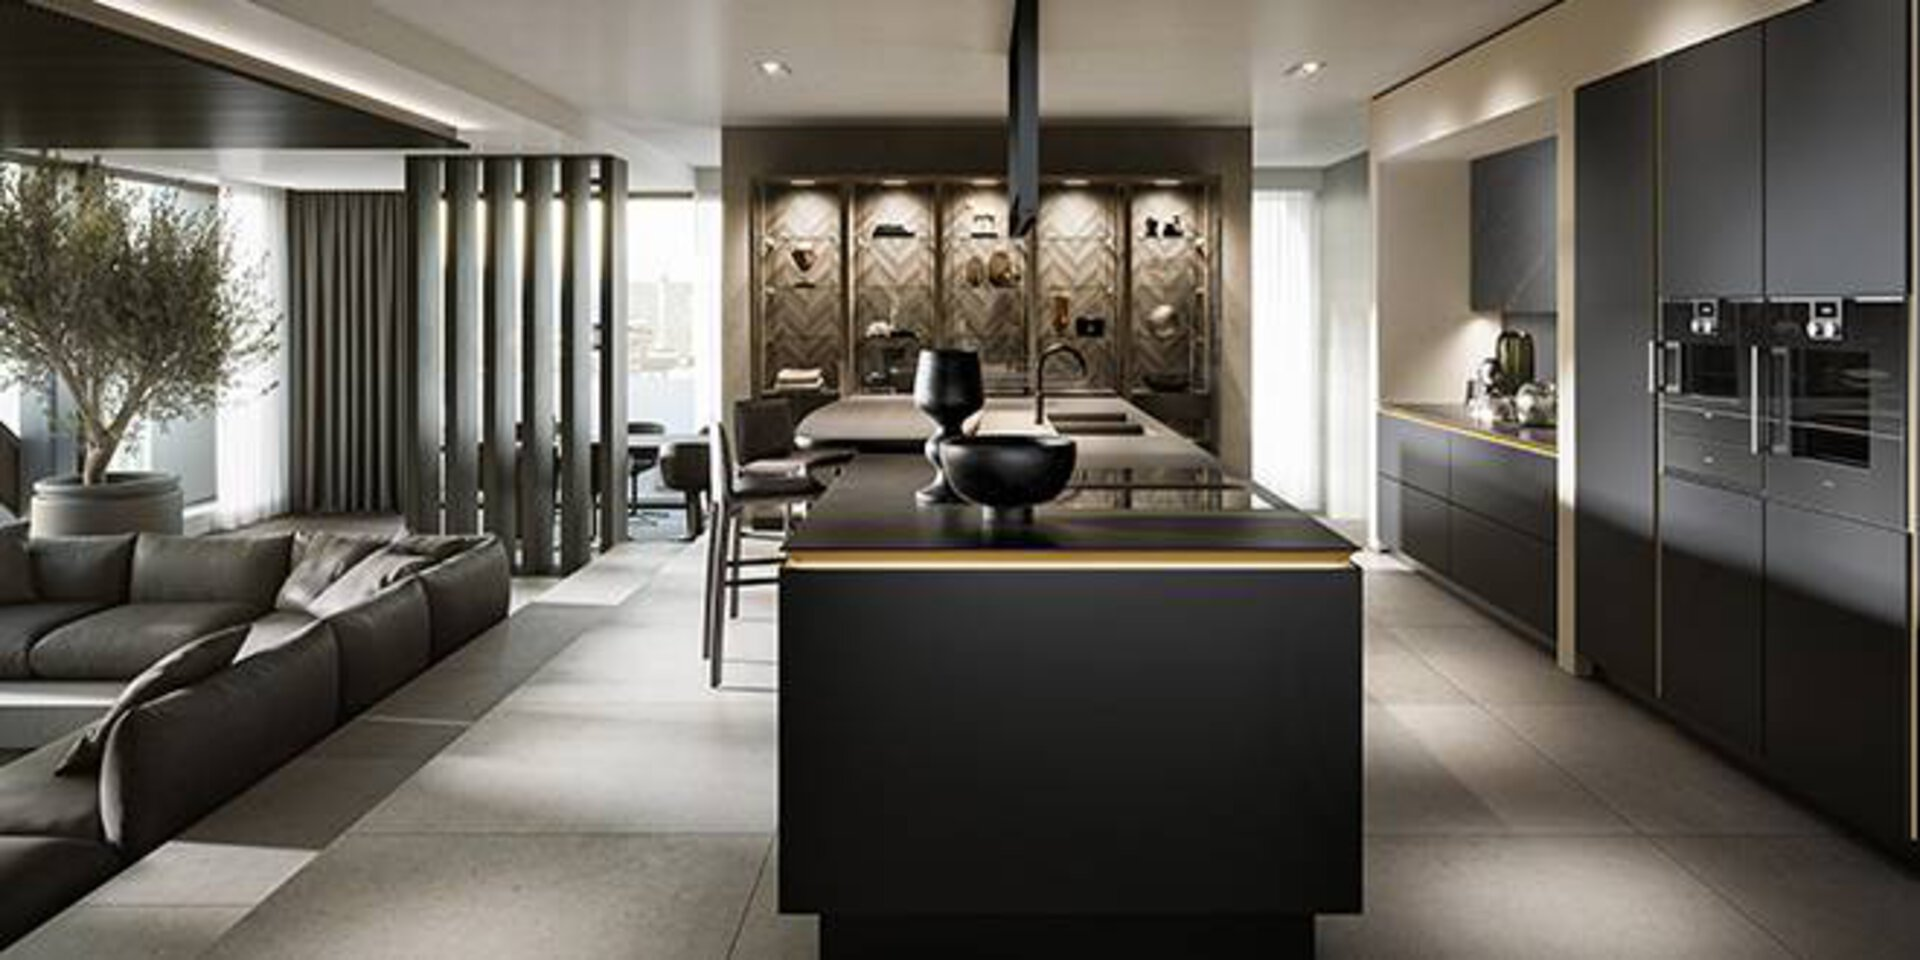 Premiumküche von SieMatic. Abgebildet ist die neue SLX Ausfürhrung, die bereits mit dem German Design Award 2021 ausgezeichnet wurde. Die dunkel gehaltene Küche wird von einer edlen Kücheninsel dominiert.